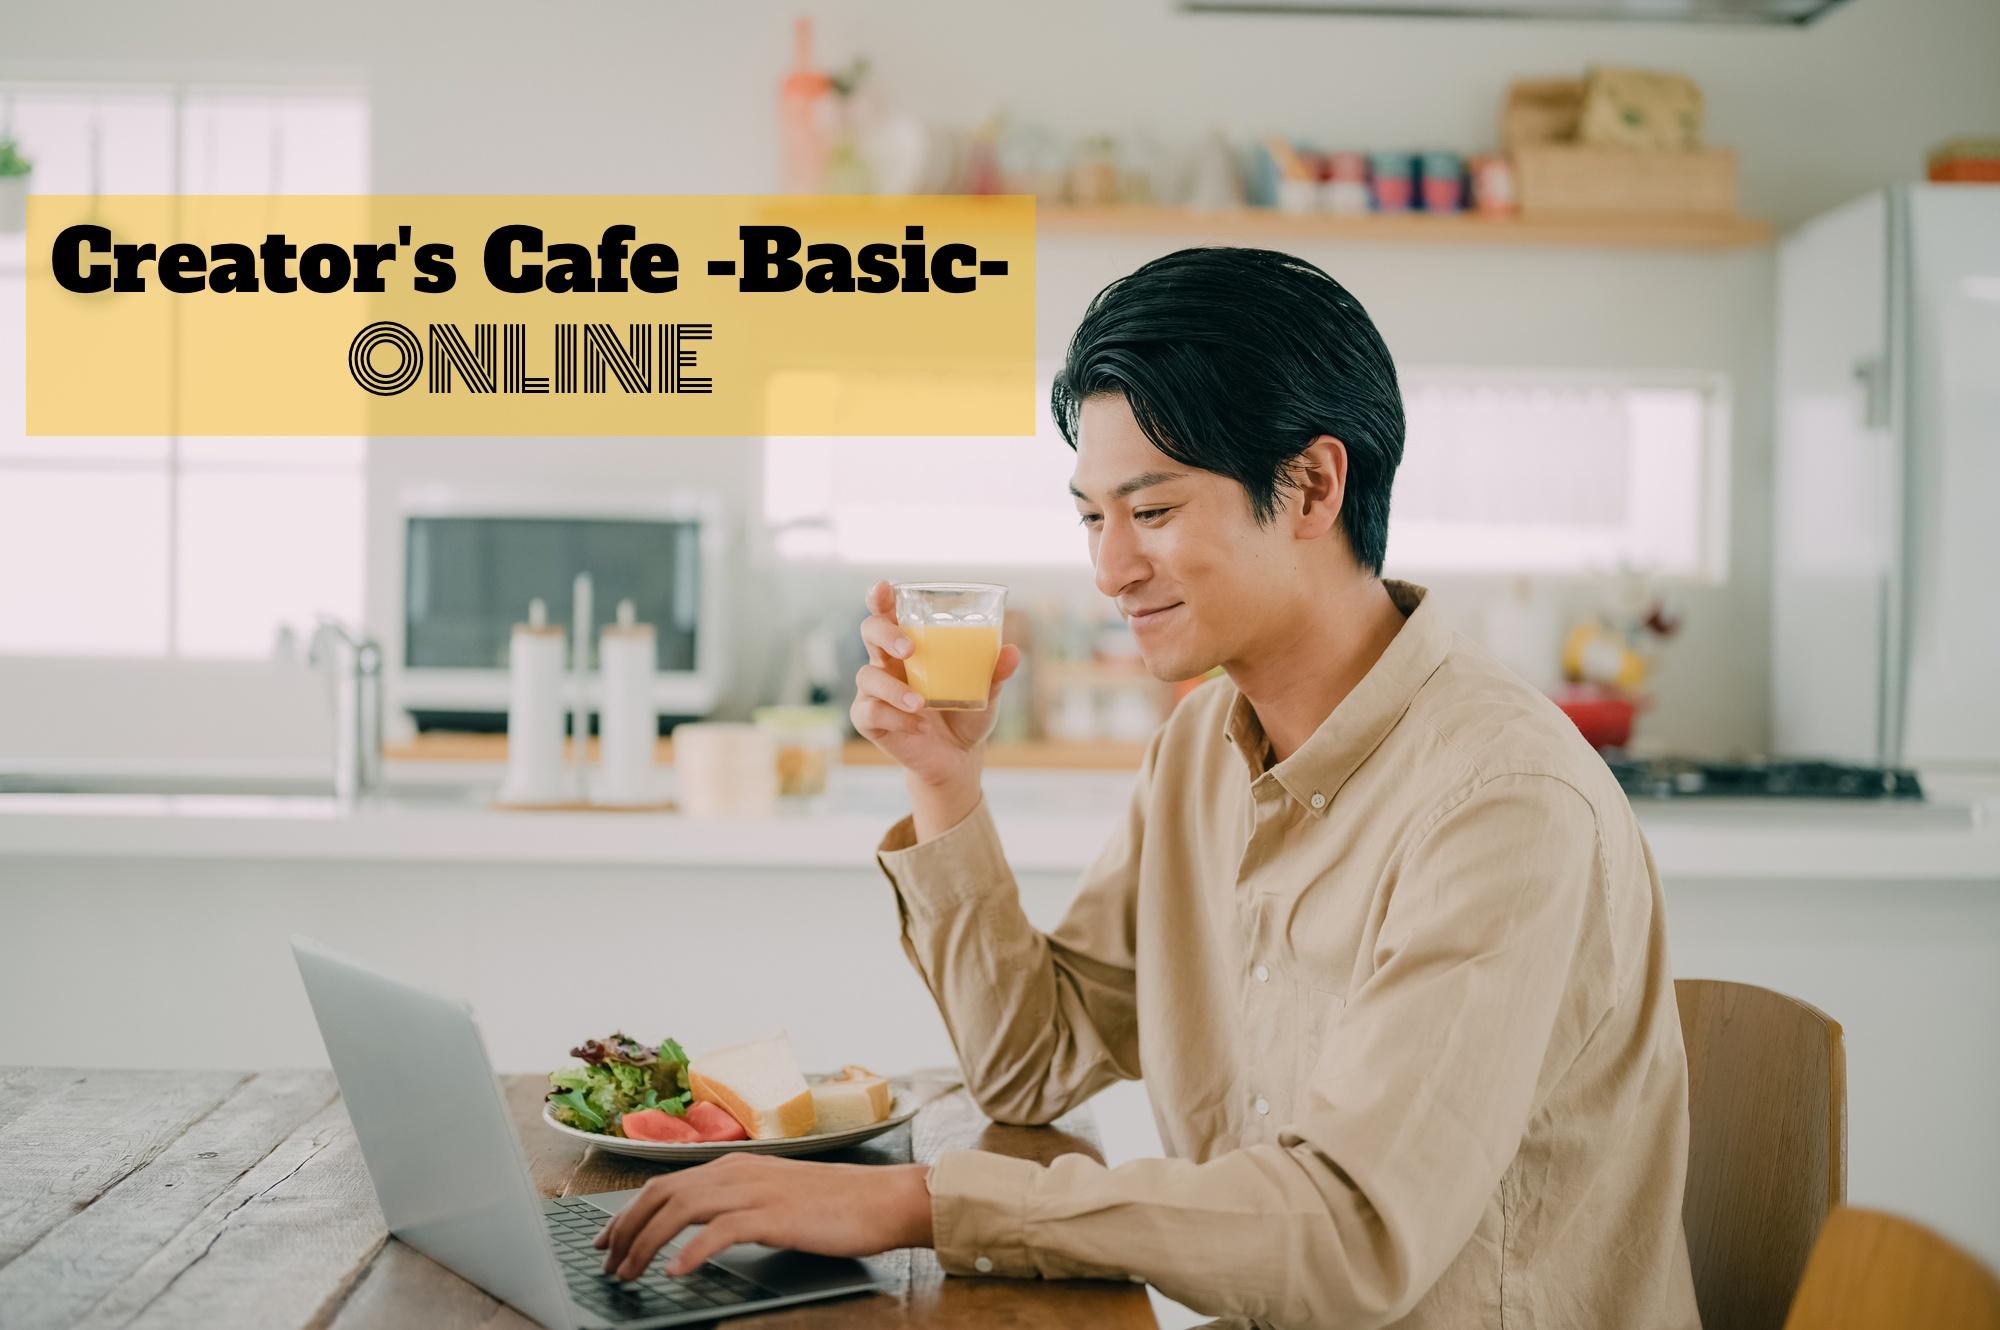 3/12(木),3/13(金)オンライン開催! ストックフォト初心者のための基礎セミナー「PIXTA Creator's Cafe -Basic- Online」